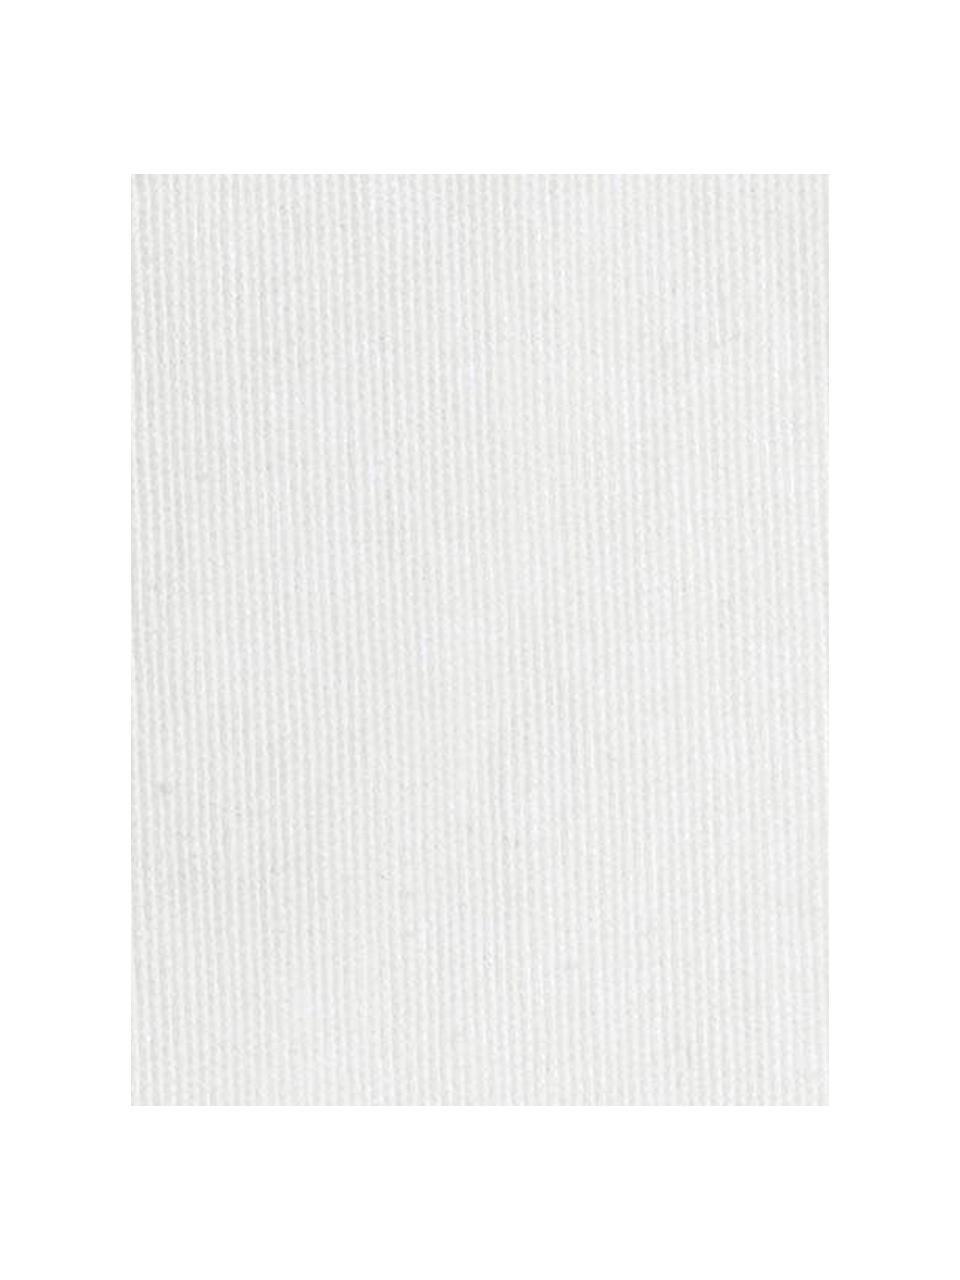 Copridivano Levante, 65% cotone, 35% poliestere, Color crema, Larg. 160 x Alt. 110 cm